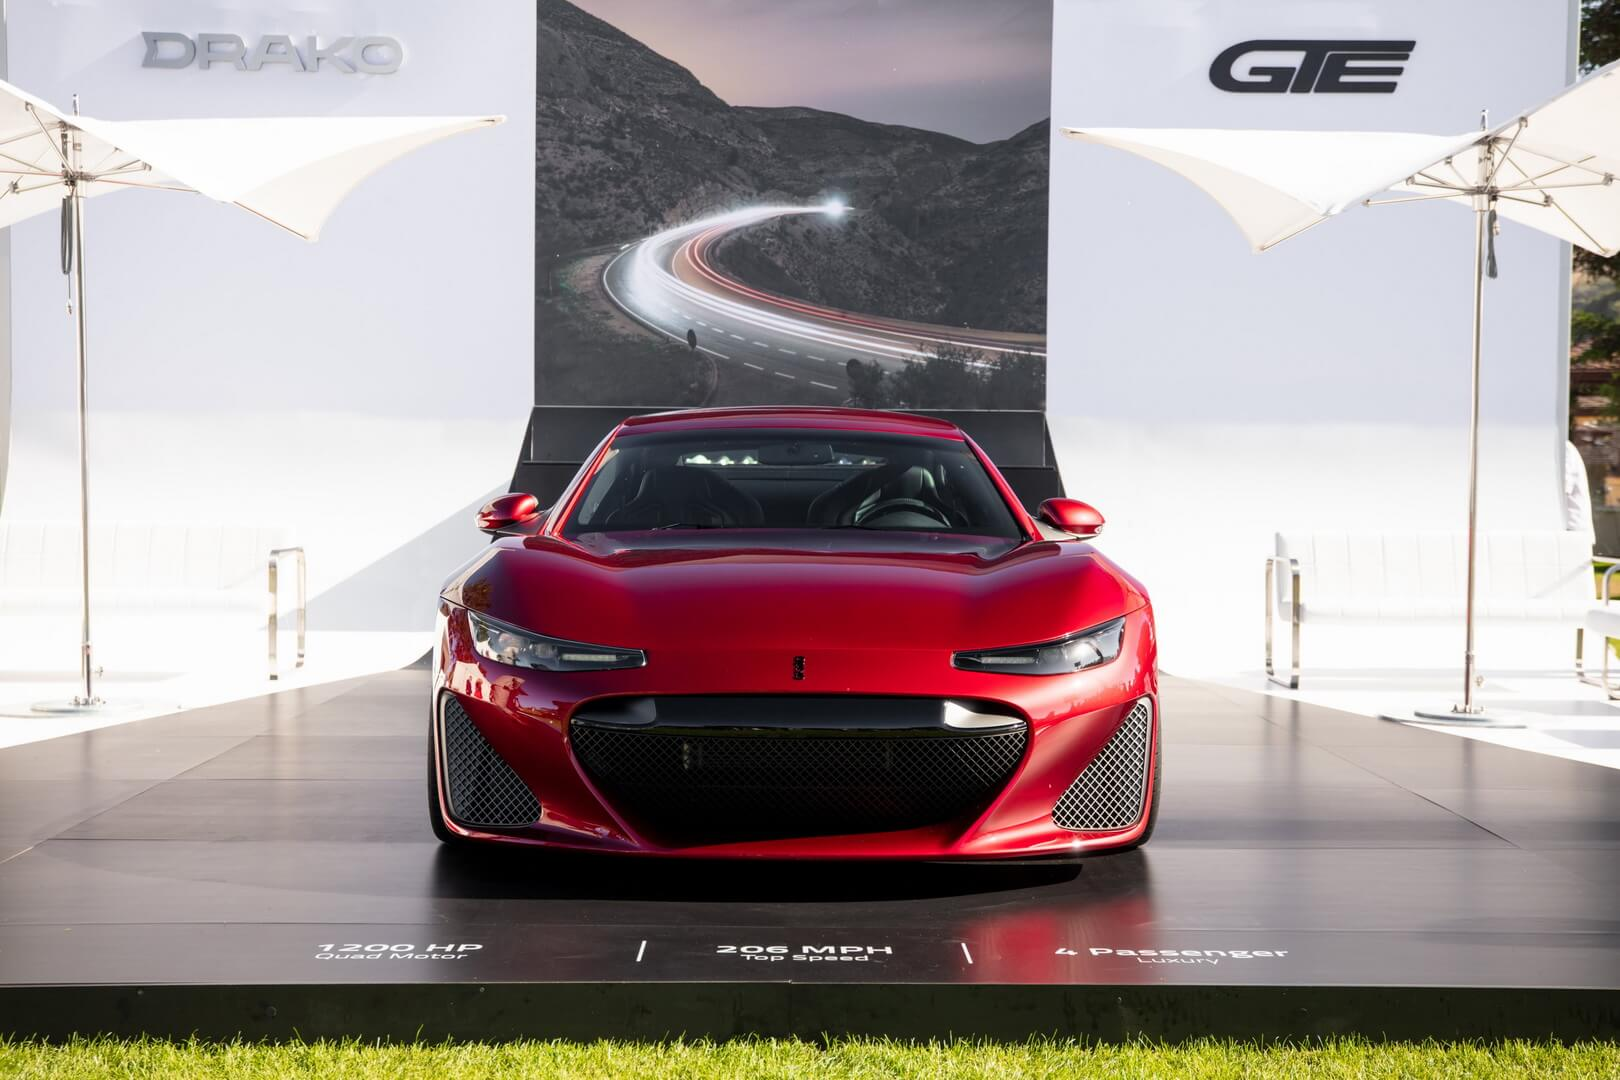 Drako GTE дебютировал на автомобильной неделе в Монтерее